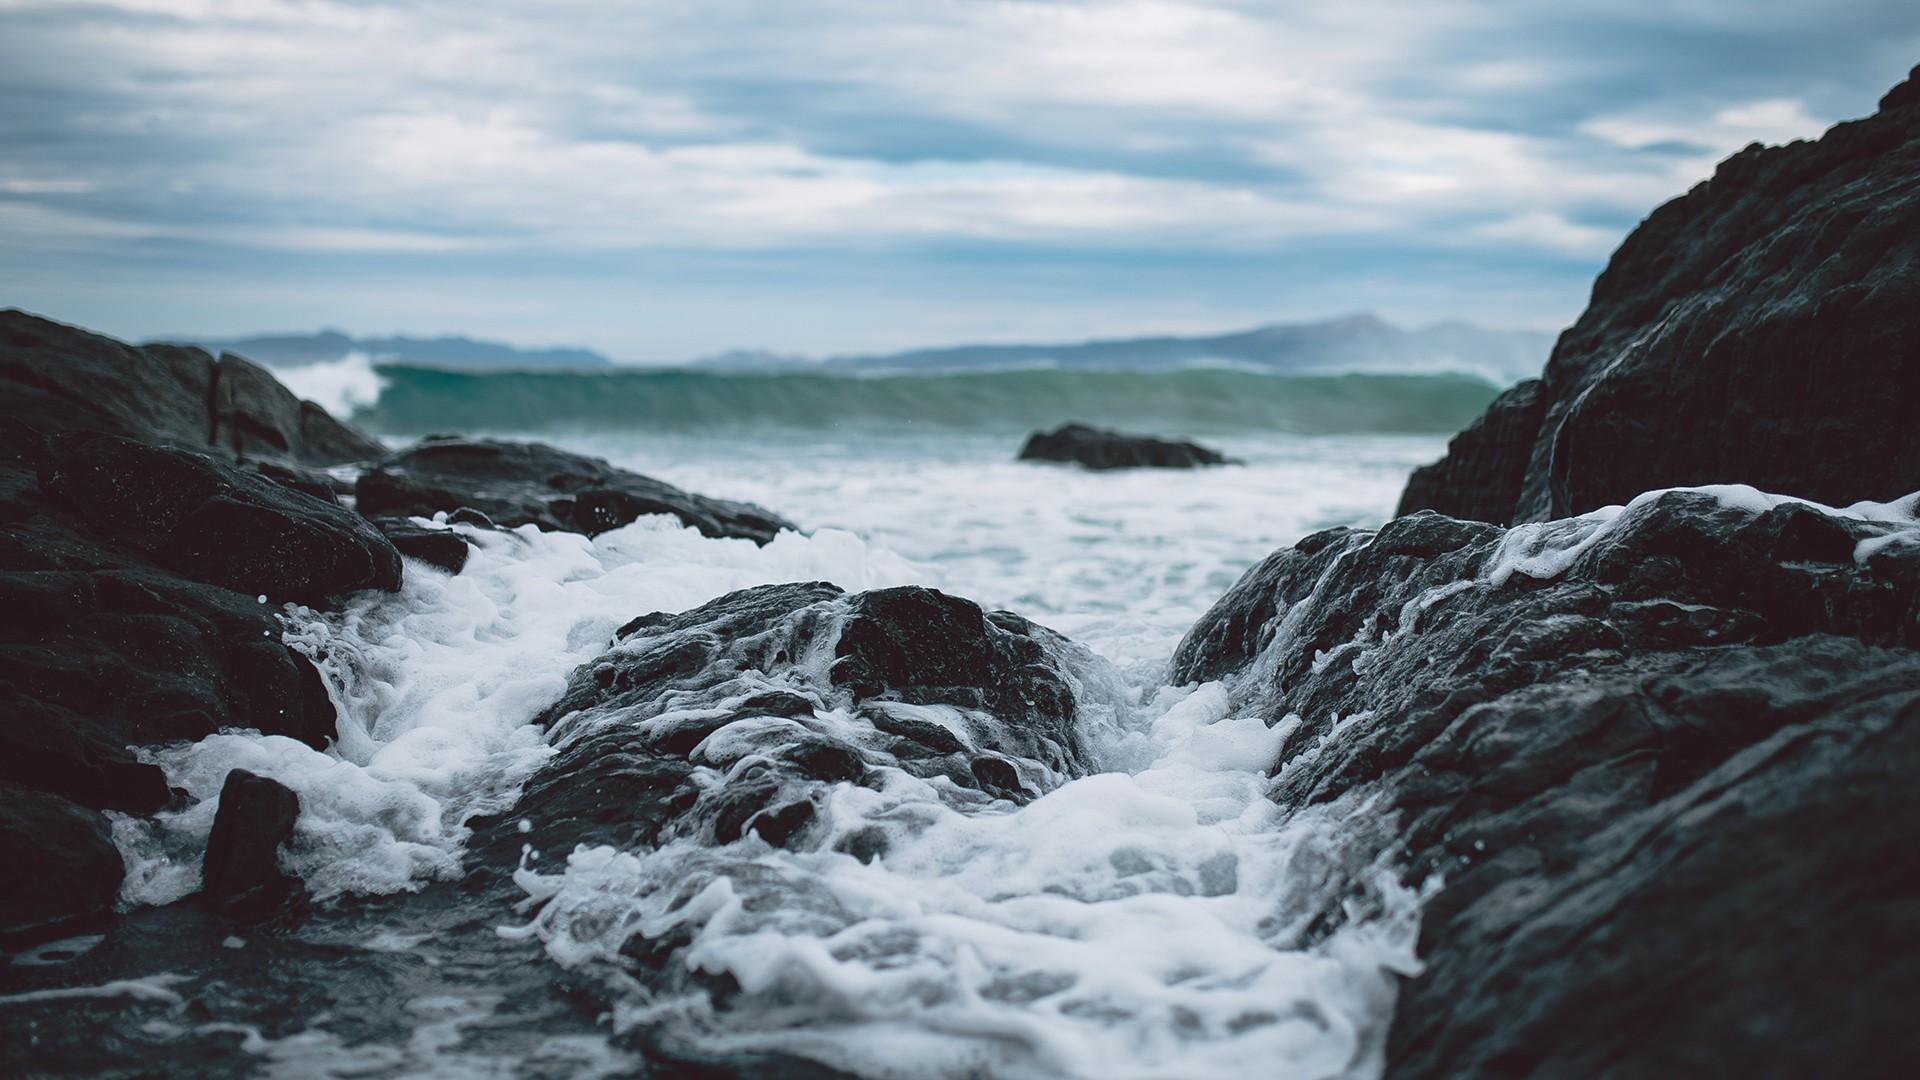 Wallpaper : landscape, sea, rock, nature, shore, coast